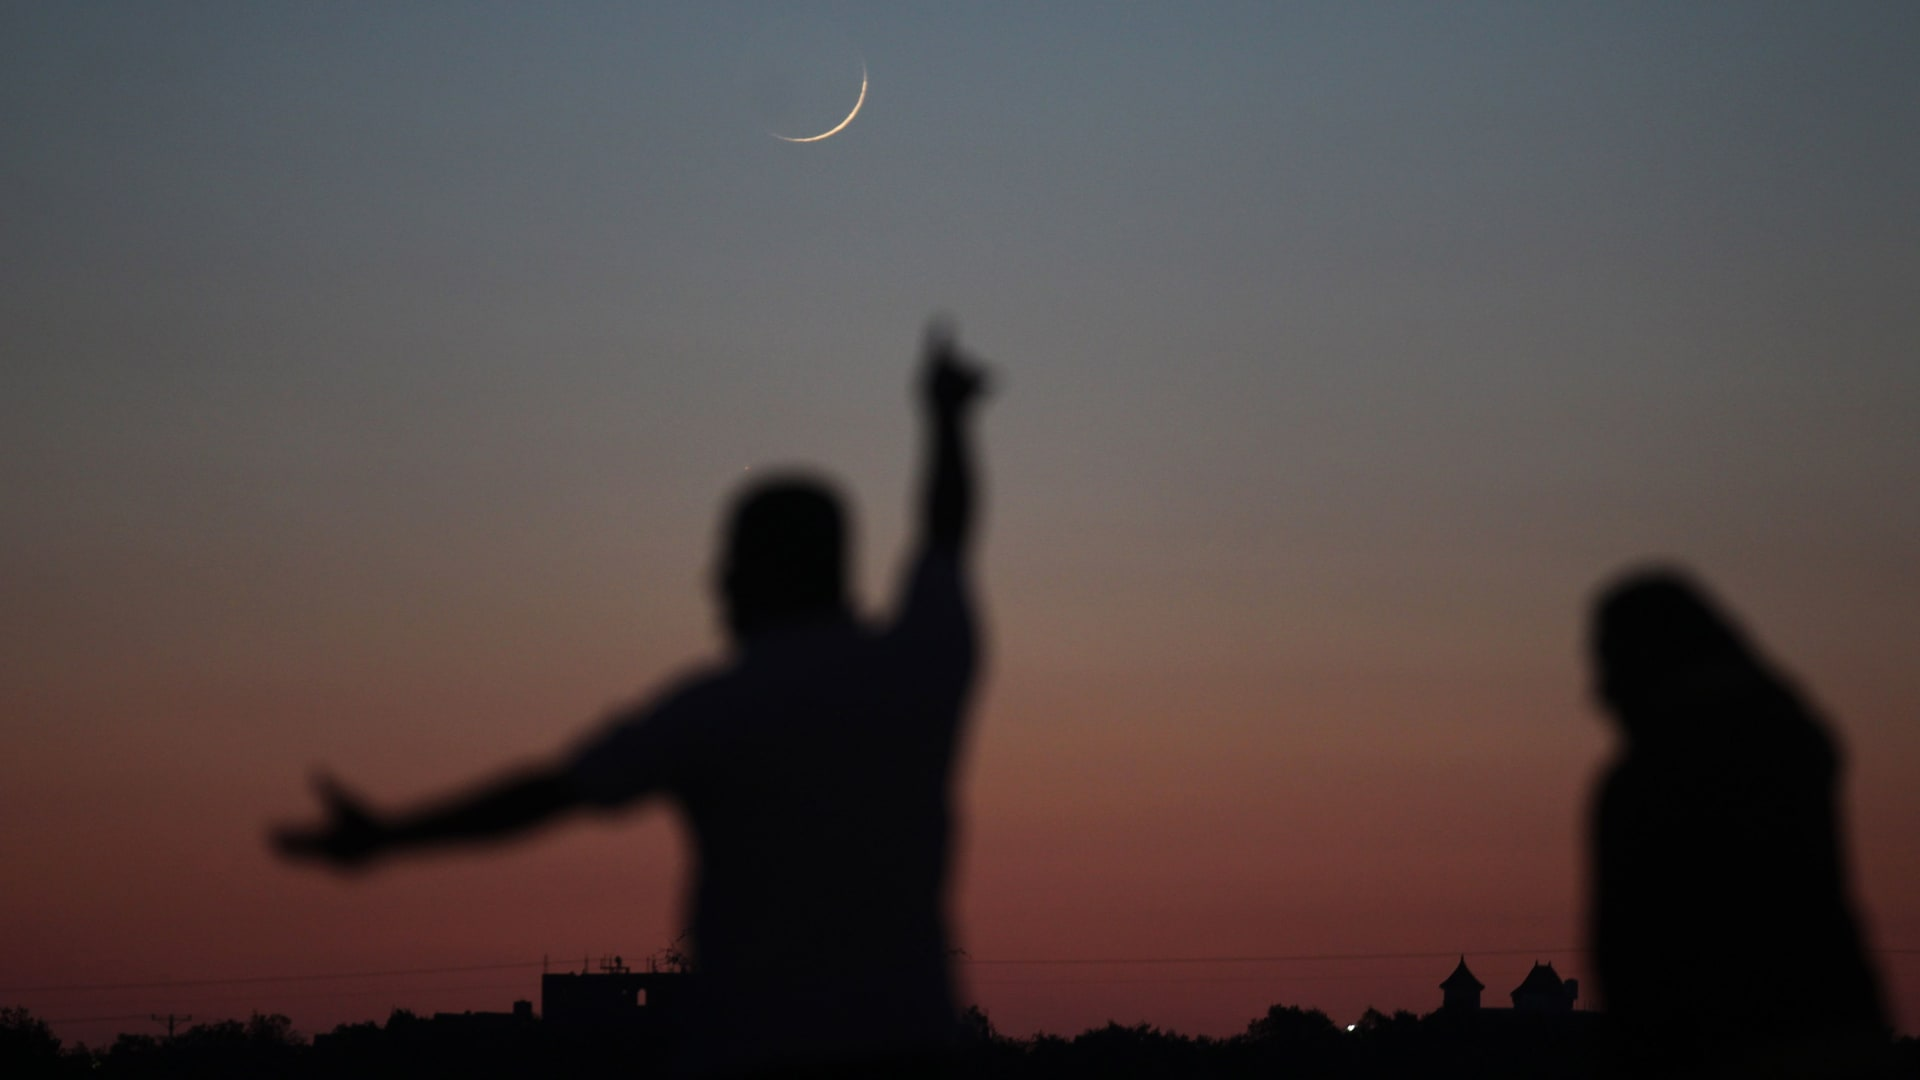 المحكمة العليا في السعودية تحدد يوم تحري هلال رمضان 2021 Cnn Arabic